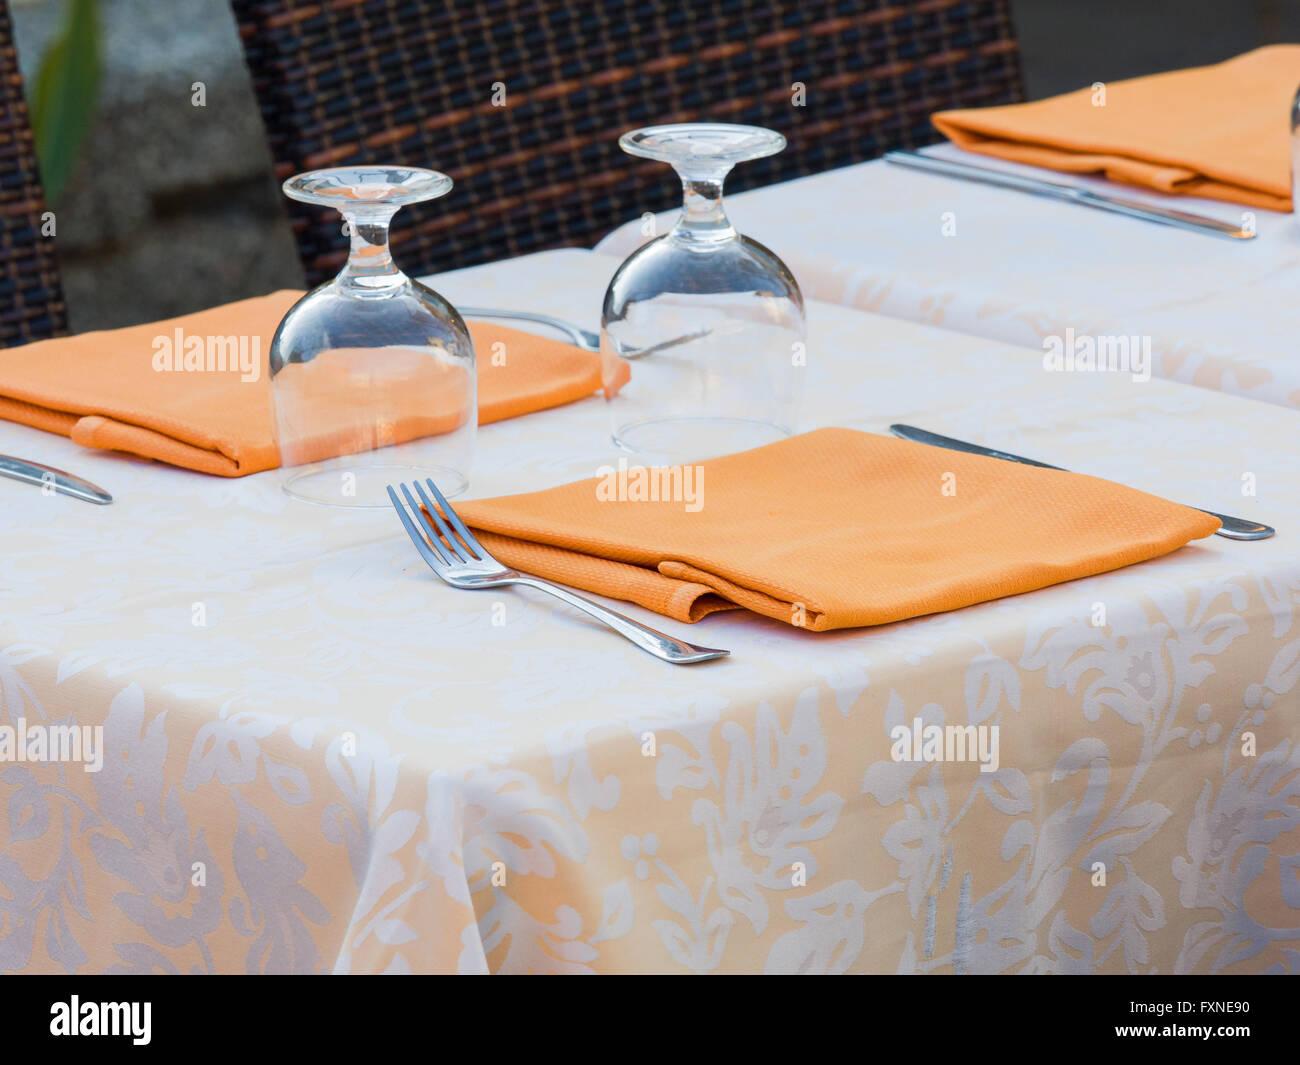 Tisch im Restaurant zubereitet mit Damast Tischdecke, orange Serviette, Besteck und Gläser Stockbild